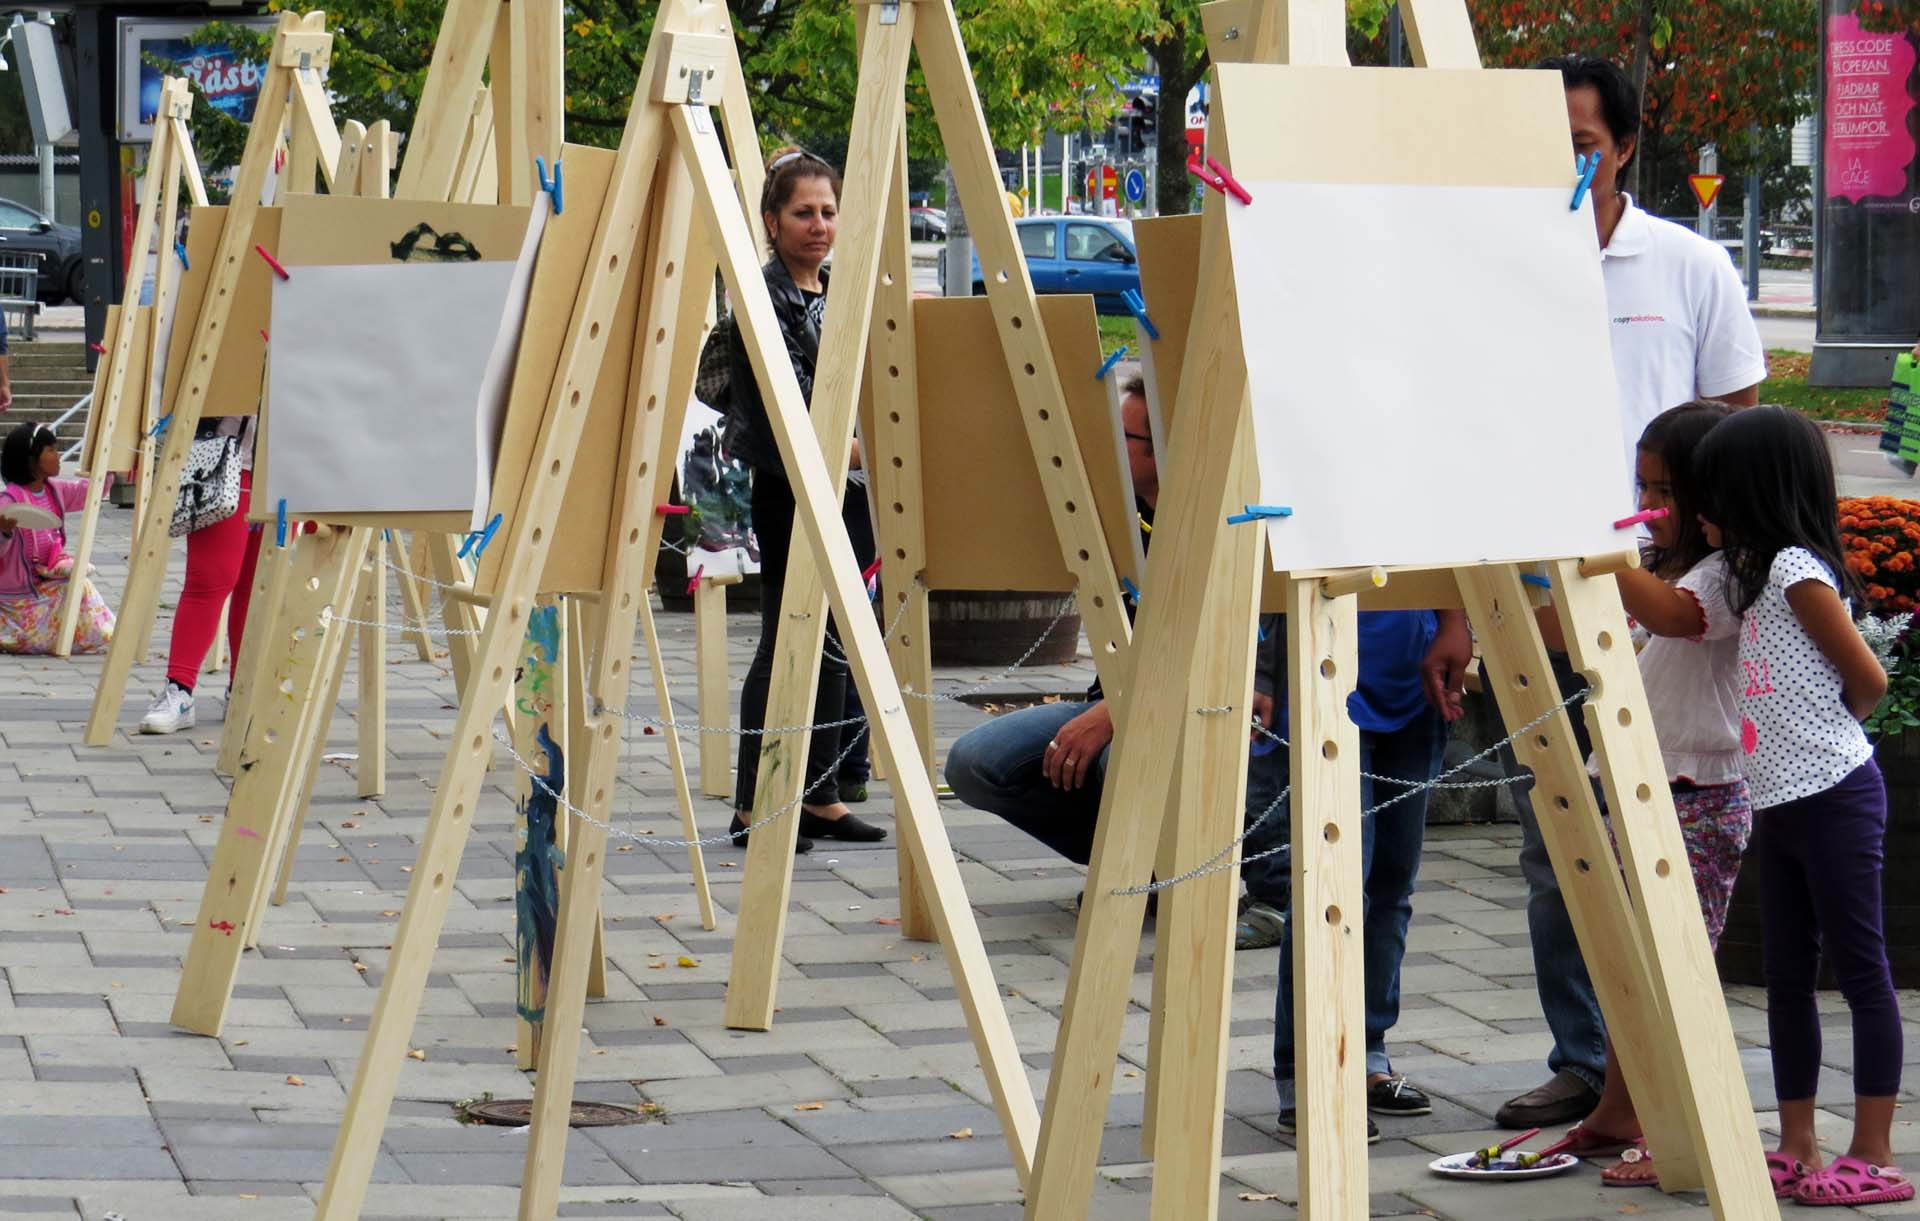 Plein-air - street art 1